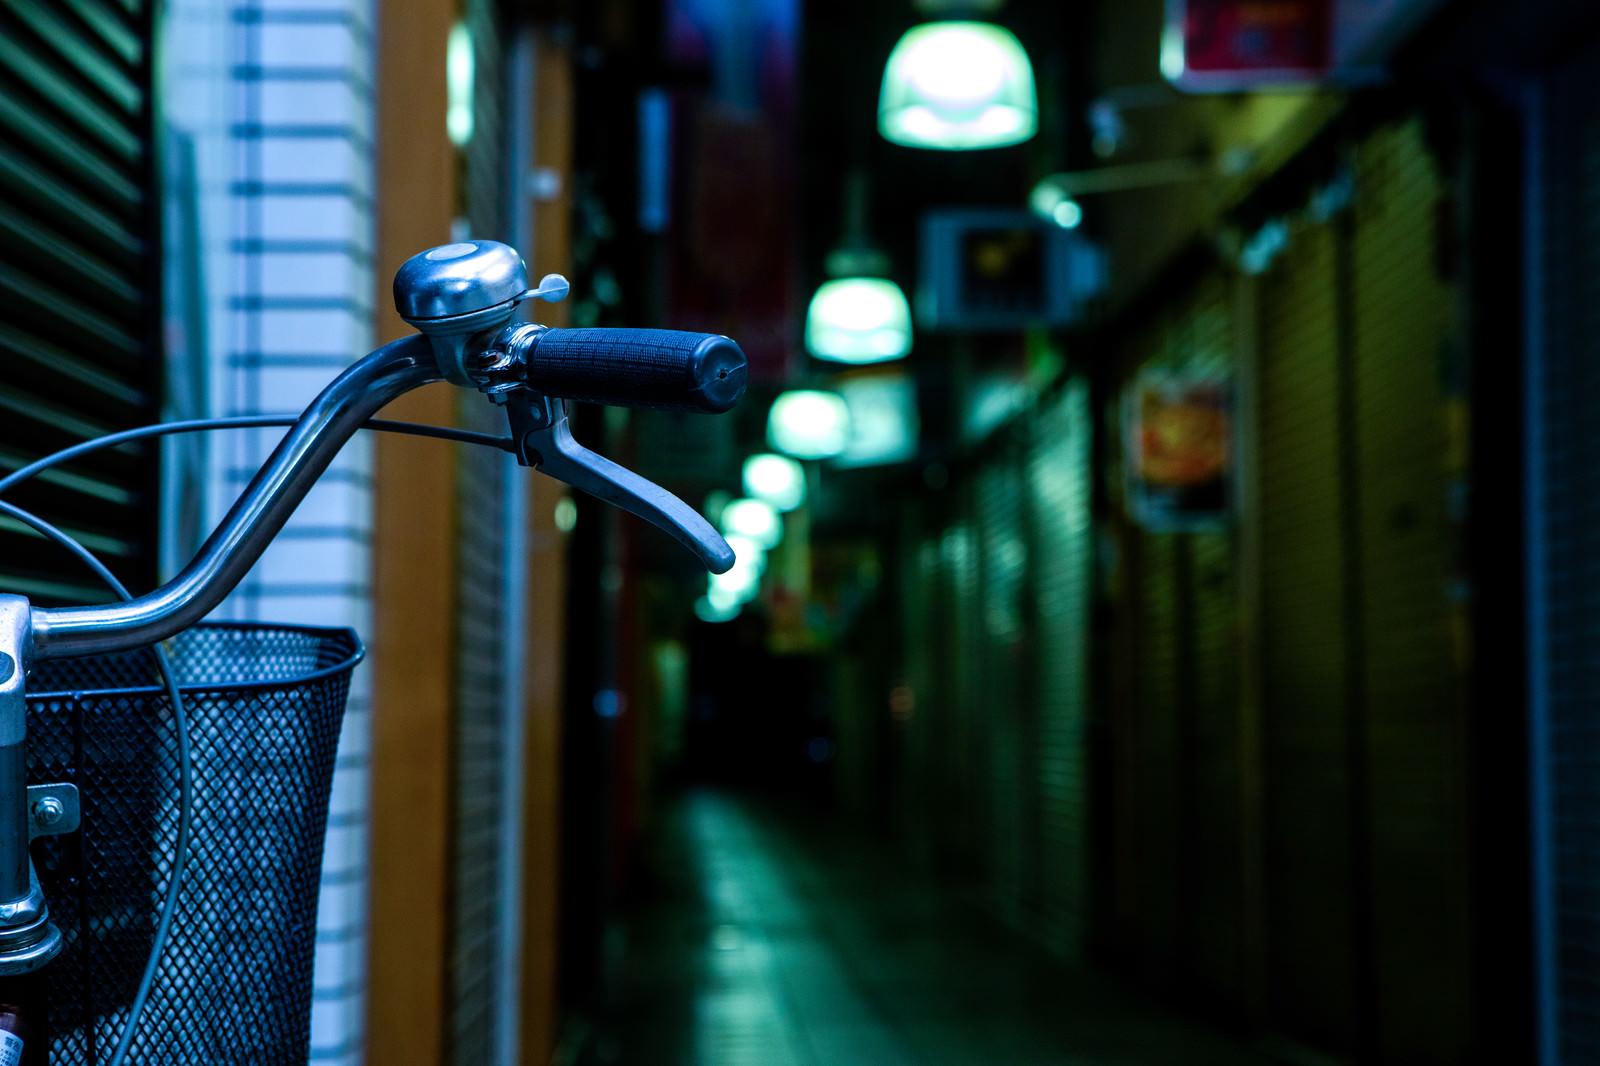 「自転車のハンドルと路地裏」の写真